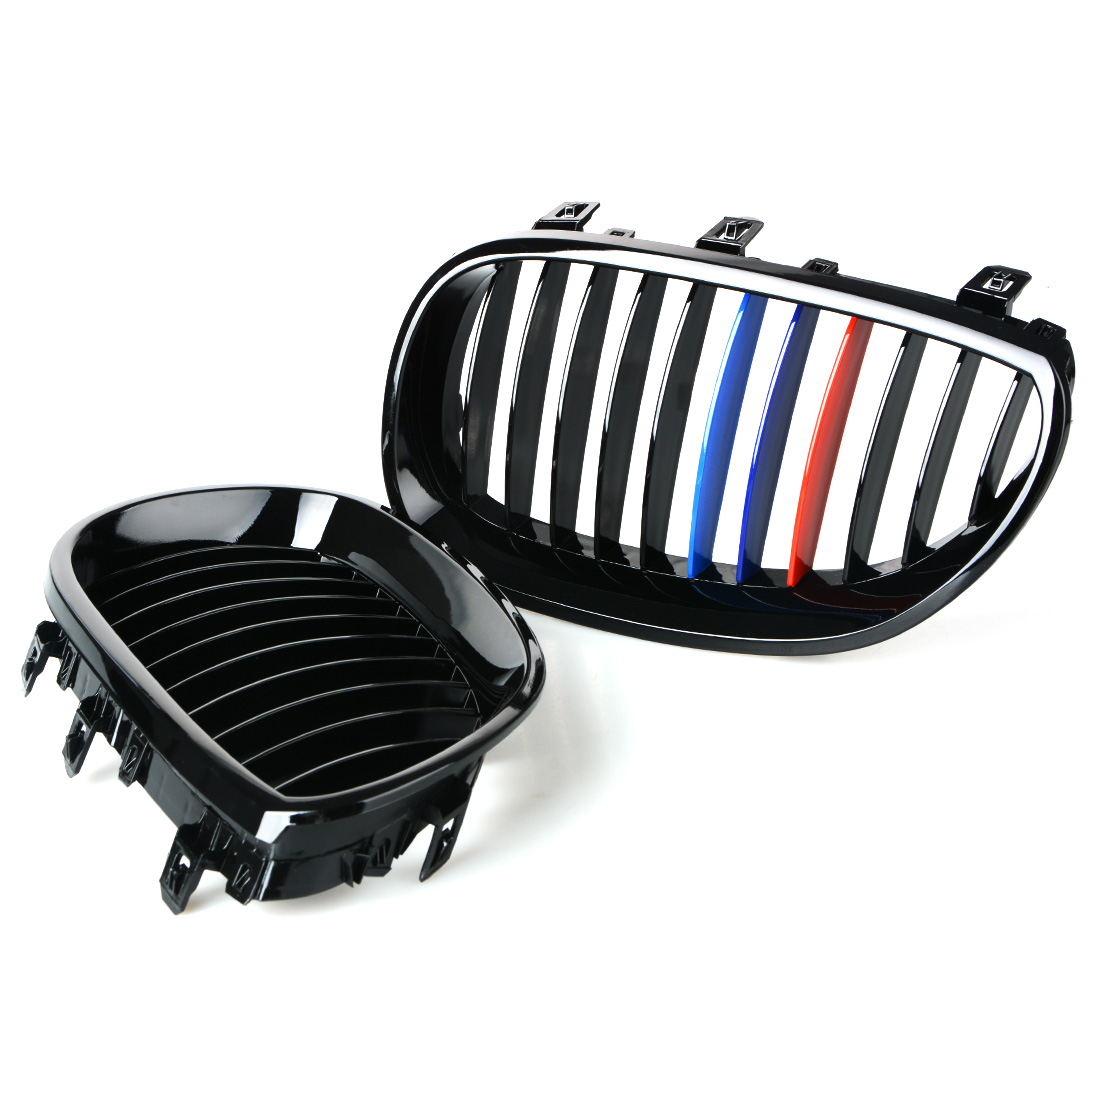 1 paire Mat Noir Pare-chocs Avant Rein Capot De Voiture Grill Grille Pour BMW E60 E61 M5 5 Série 540i 530i 528i 2003-2009